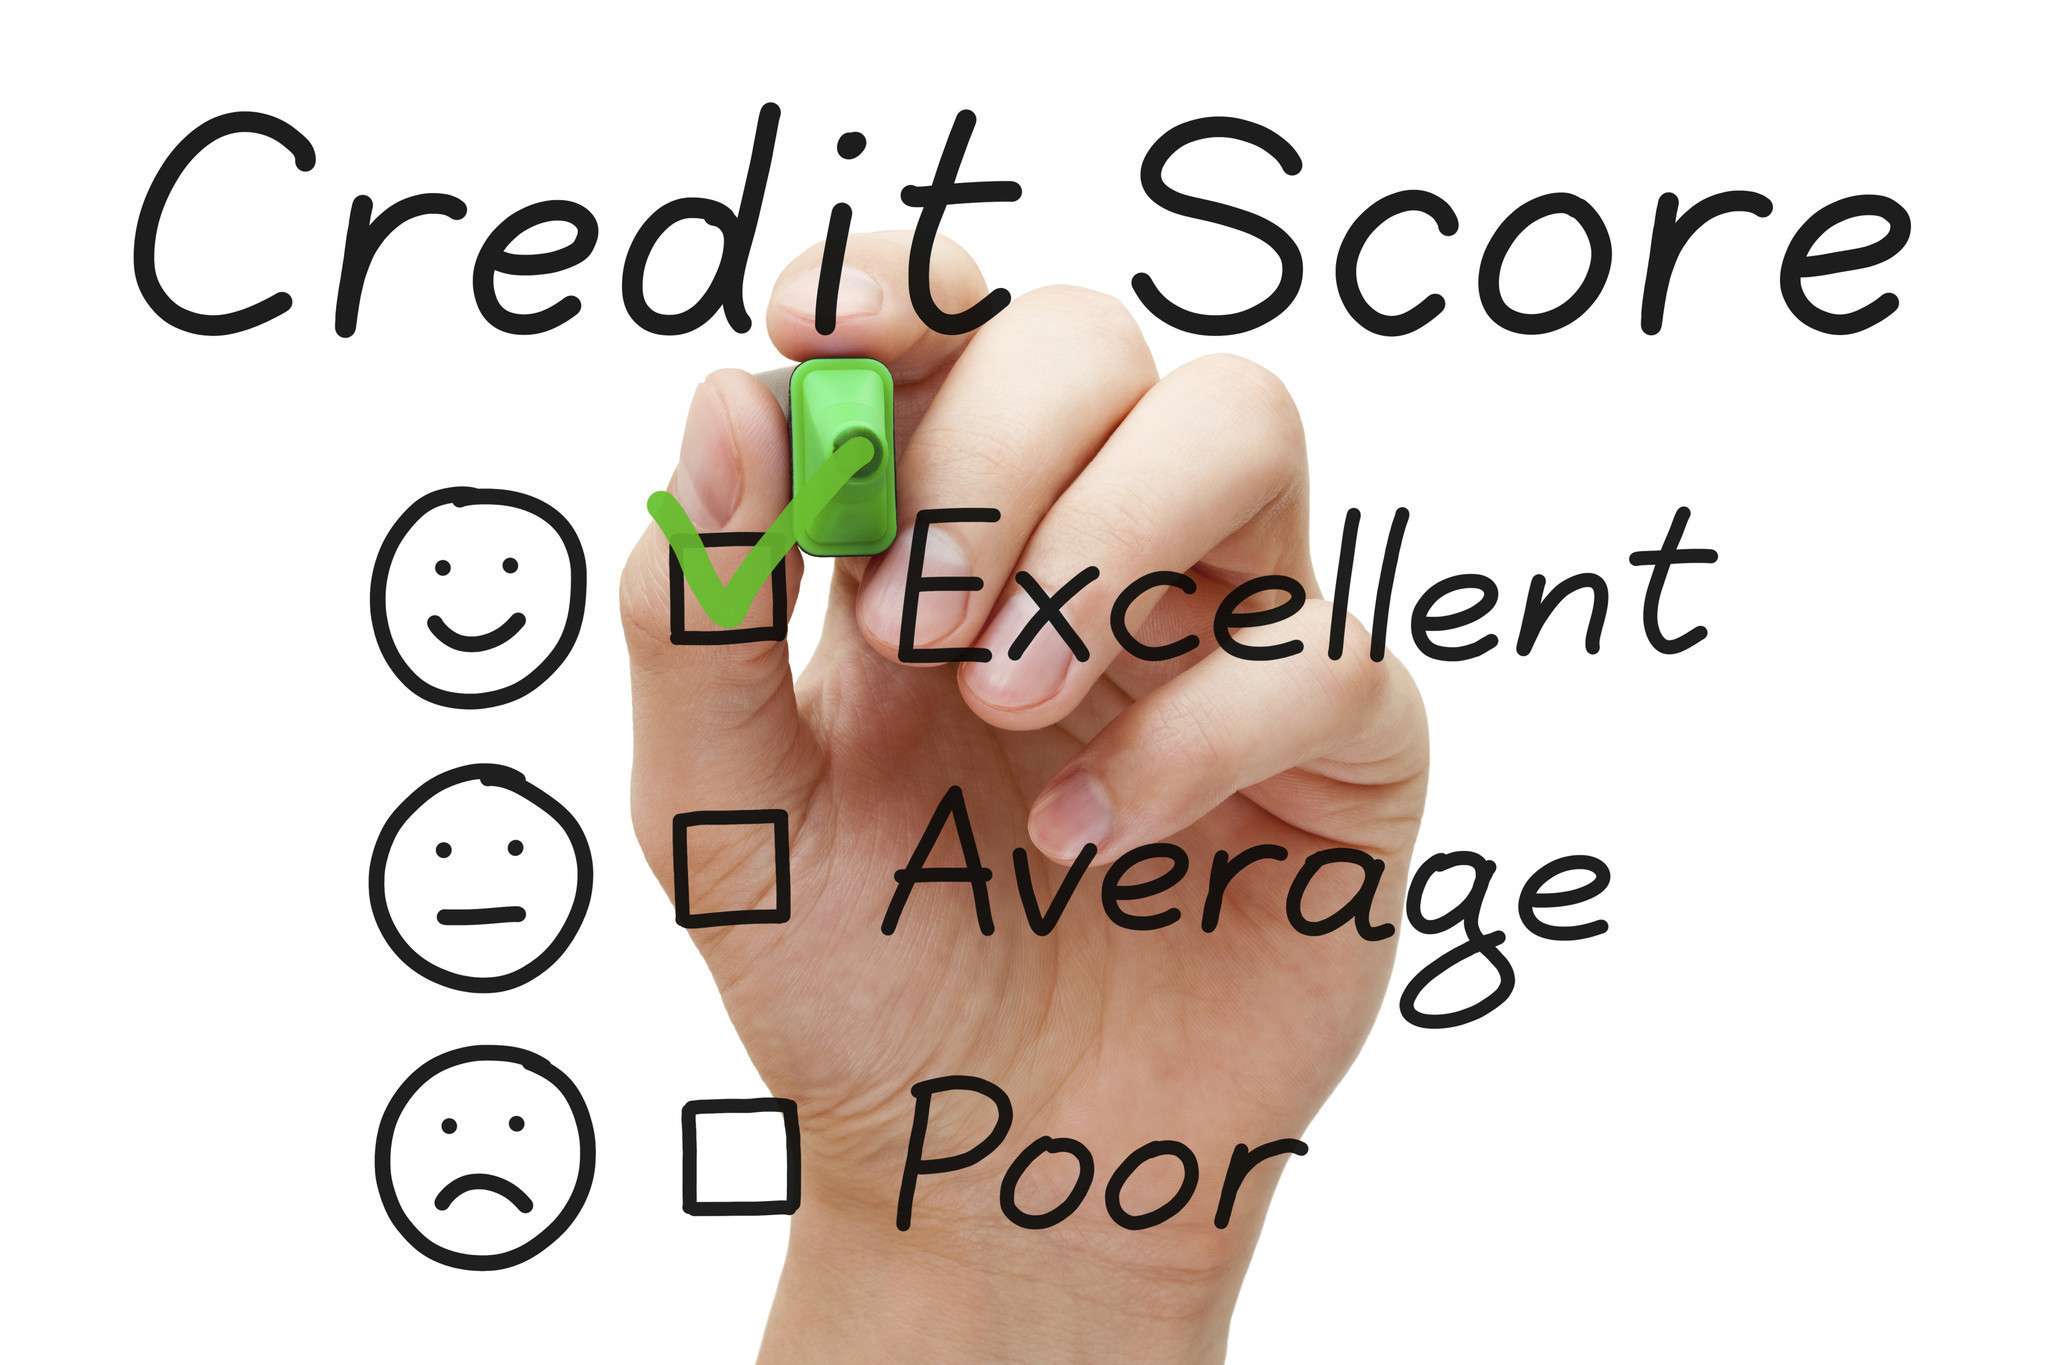 ct-credit-scores-0602-biz-20150601